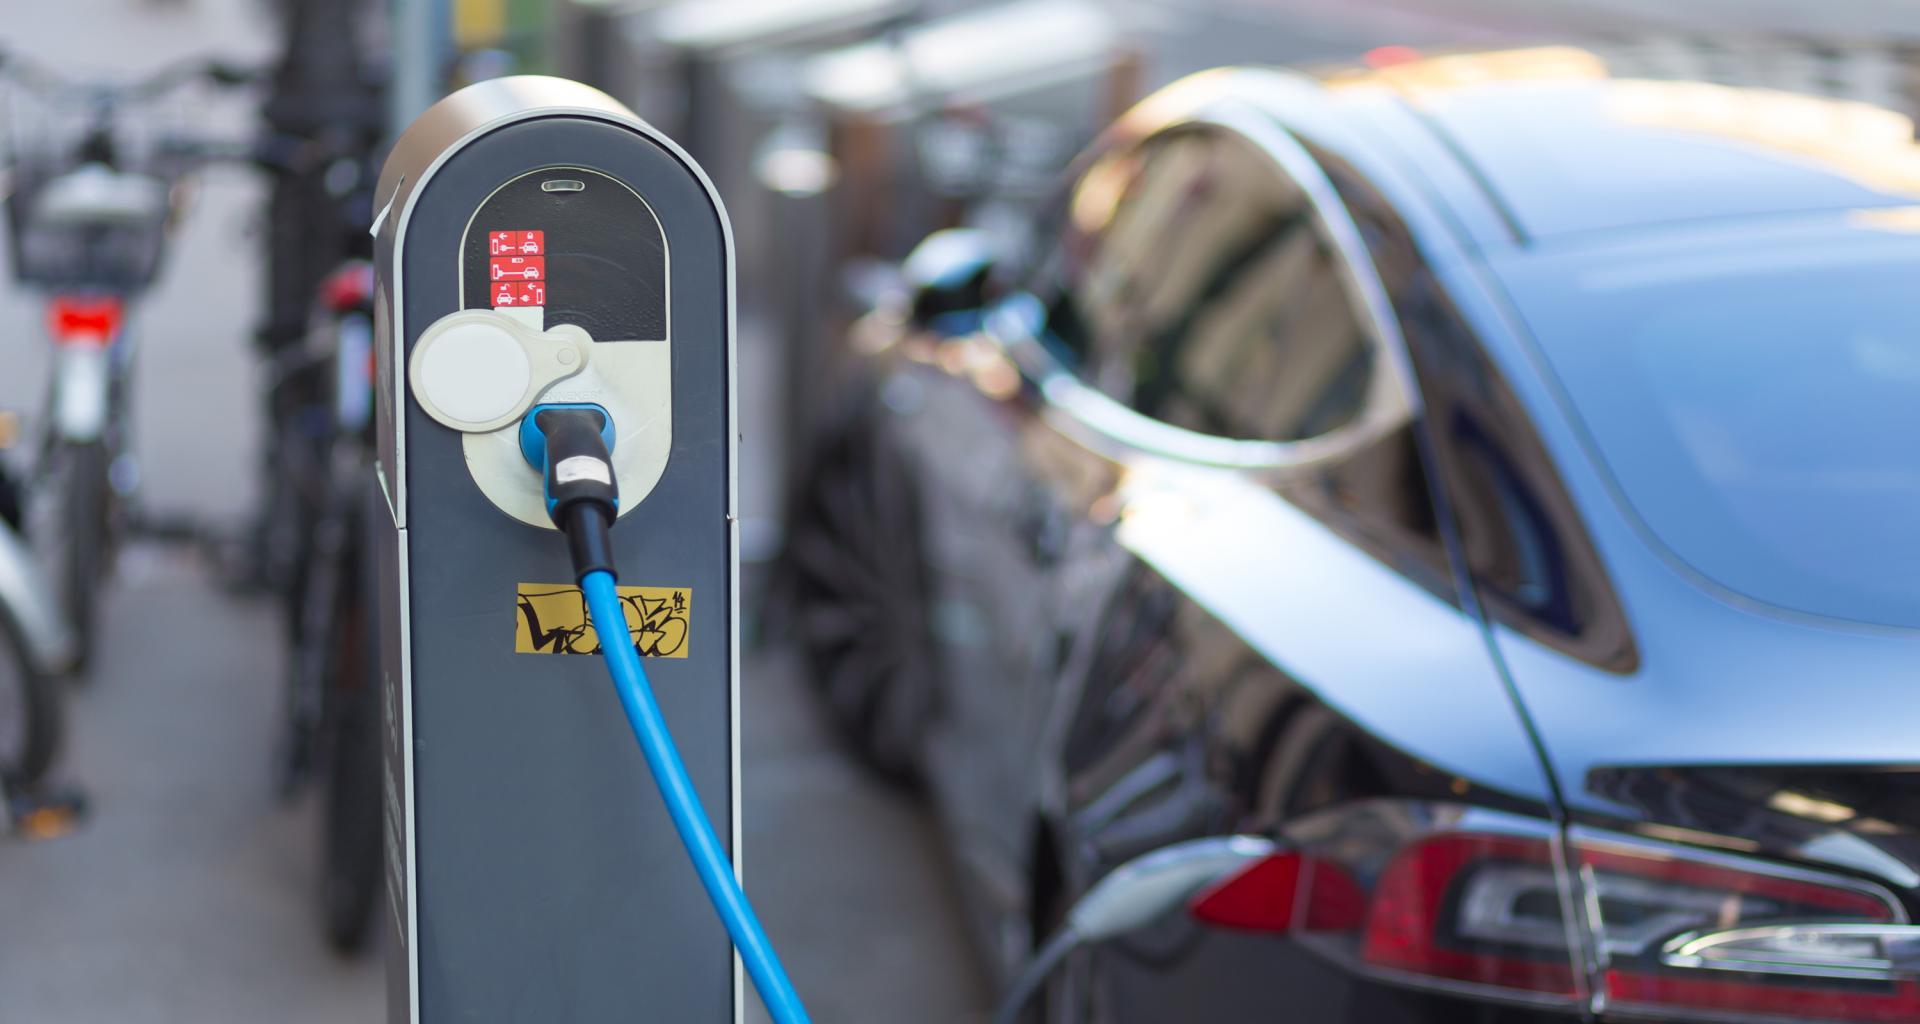 À Montpellier, un service d'autopartage électrique à 1,50€ par heure